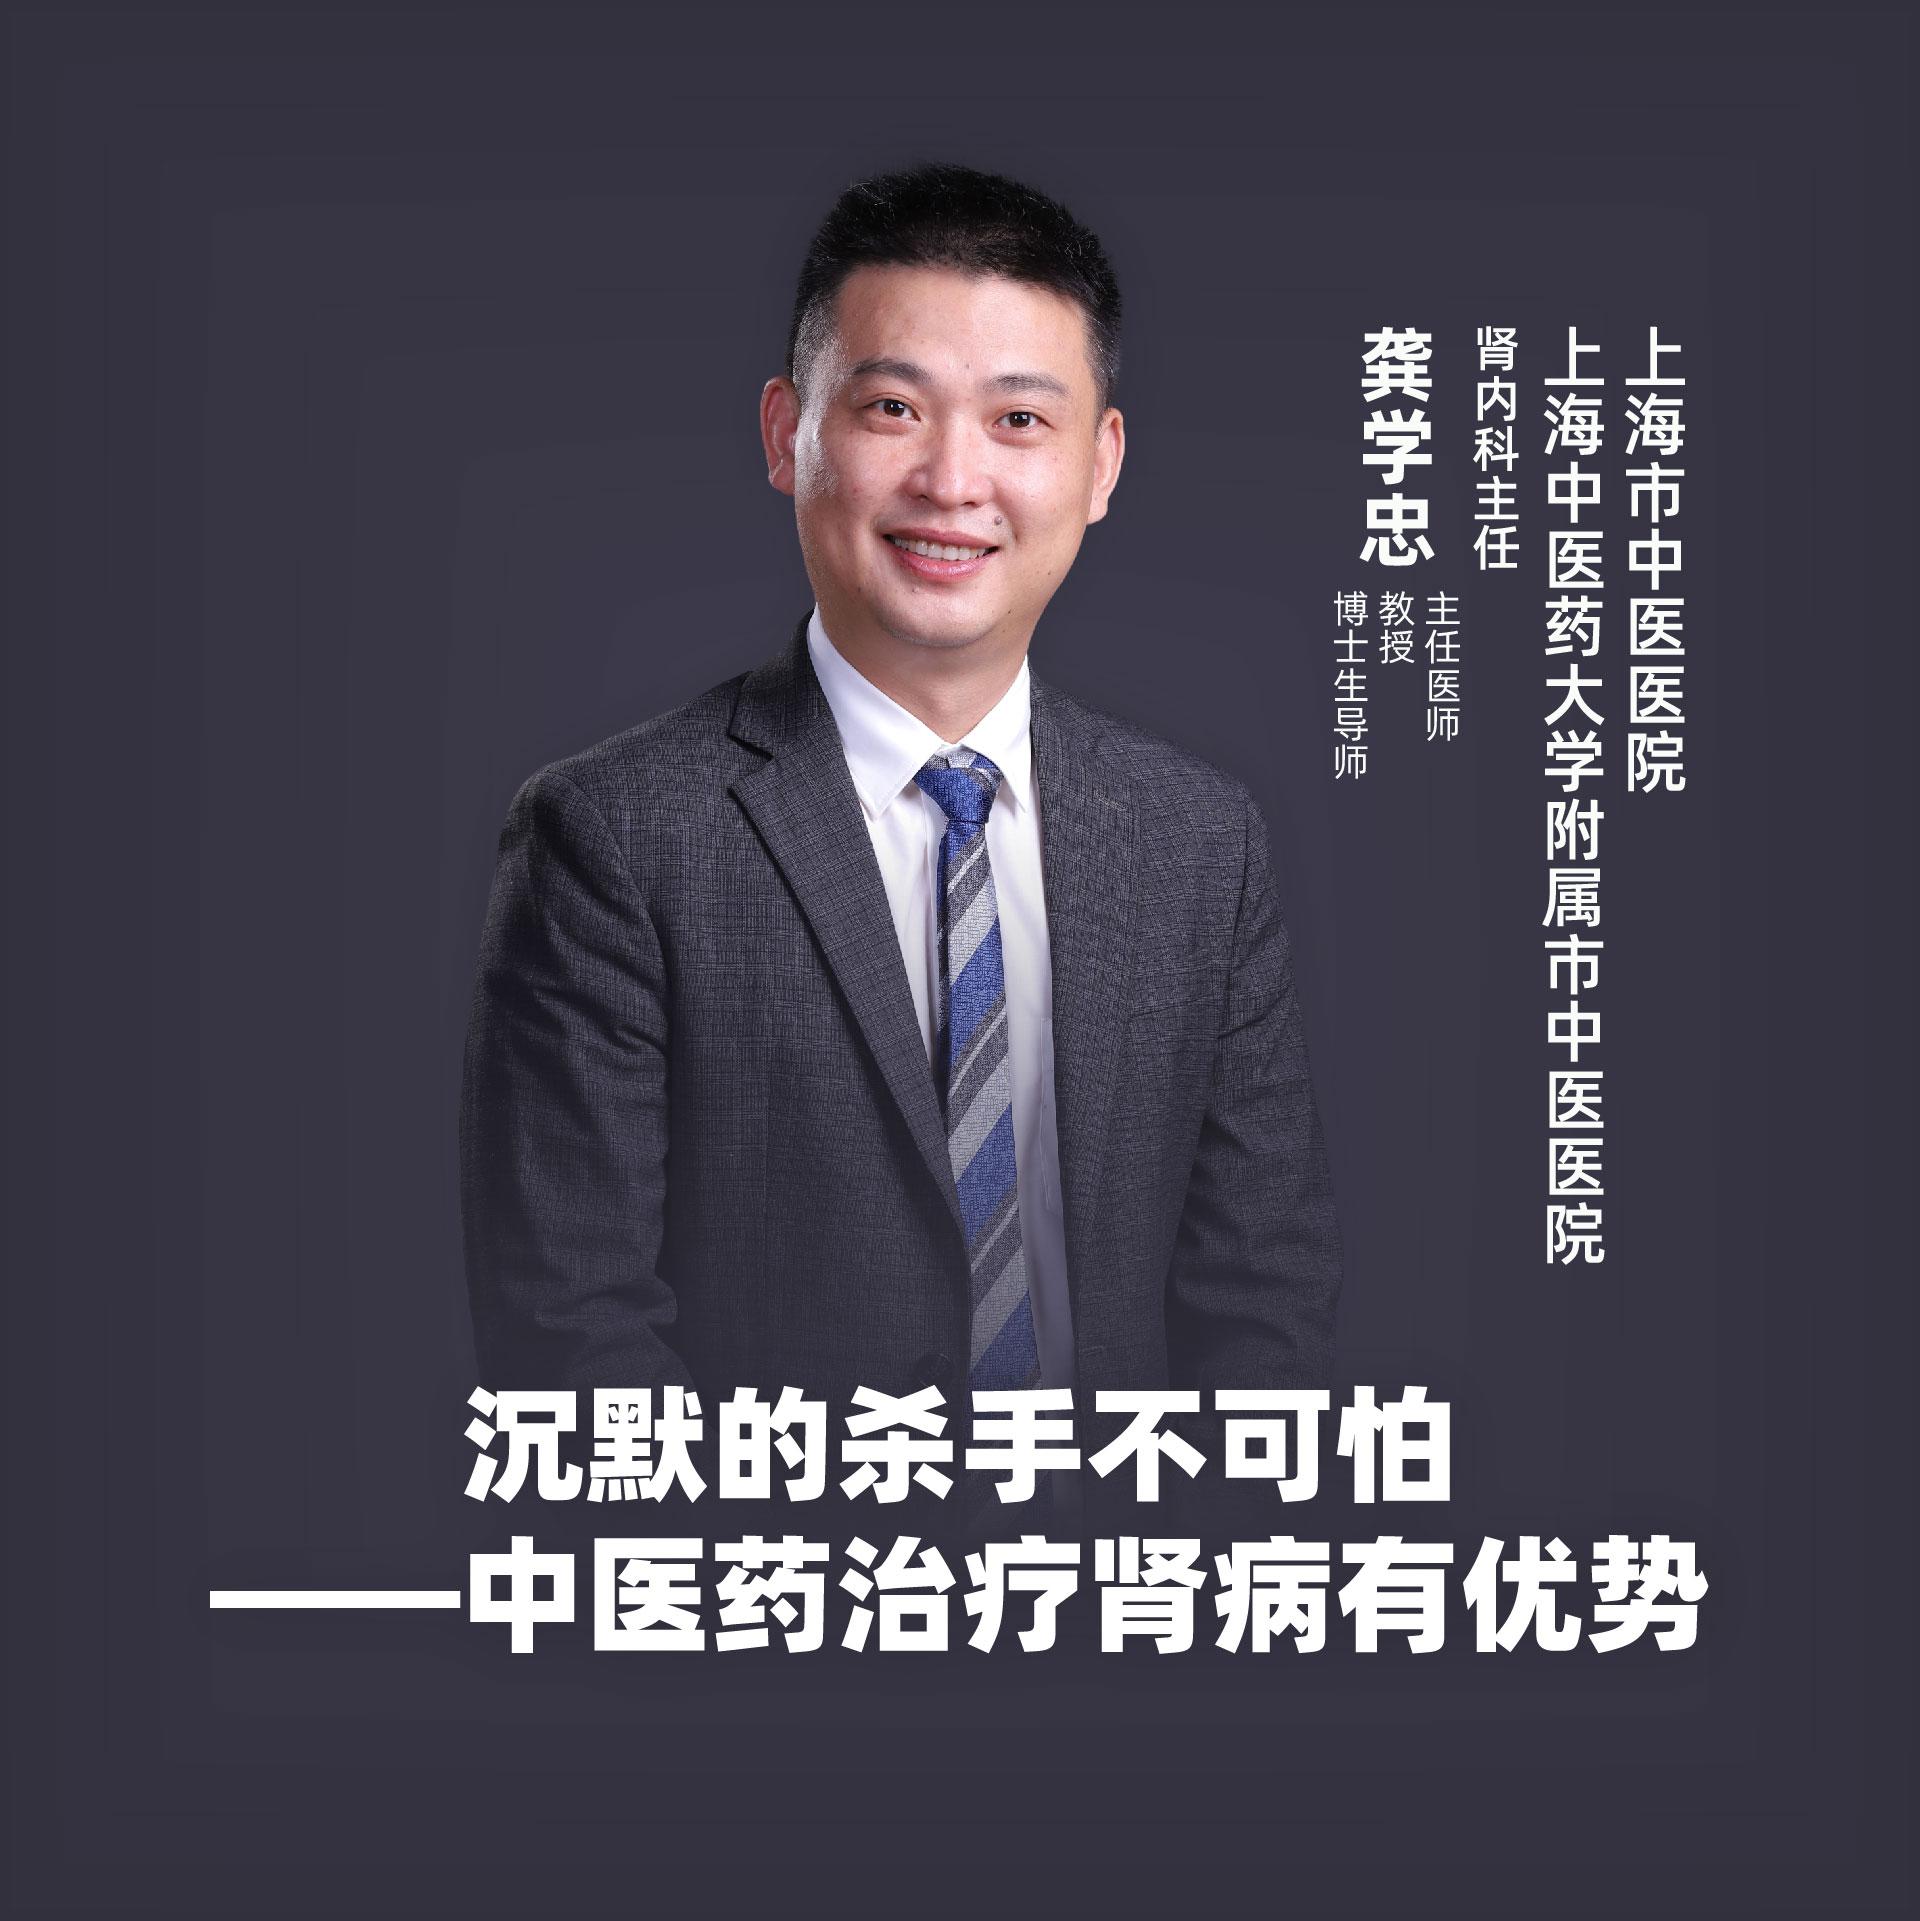 直播预告|上海市中医医院龚学忠:沉默的杀手不可怕——中医药治疗肾病有优势